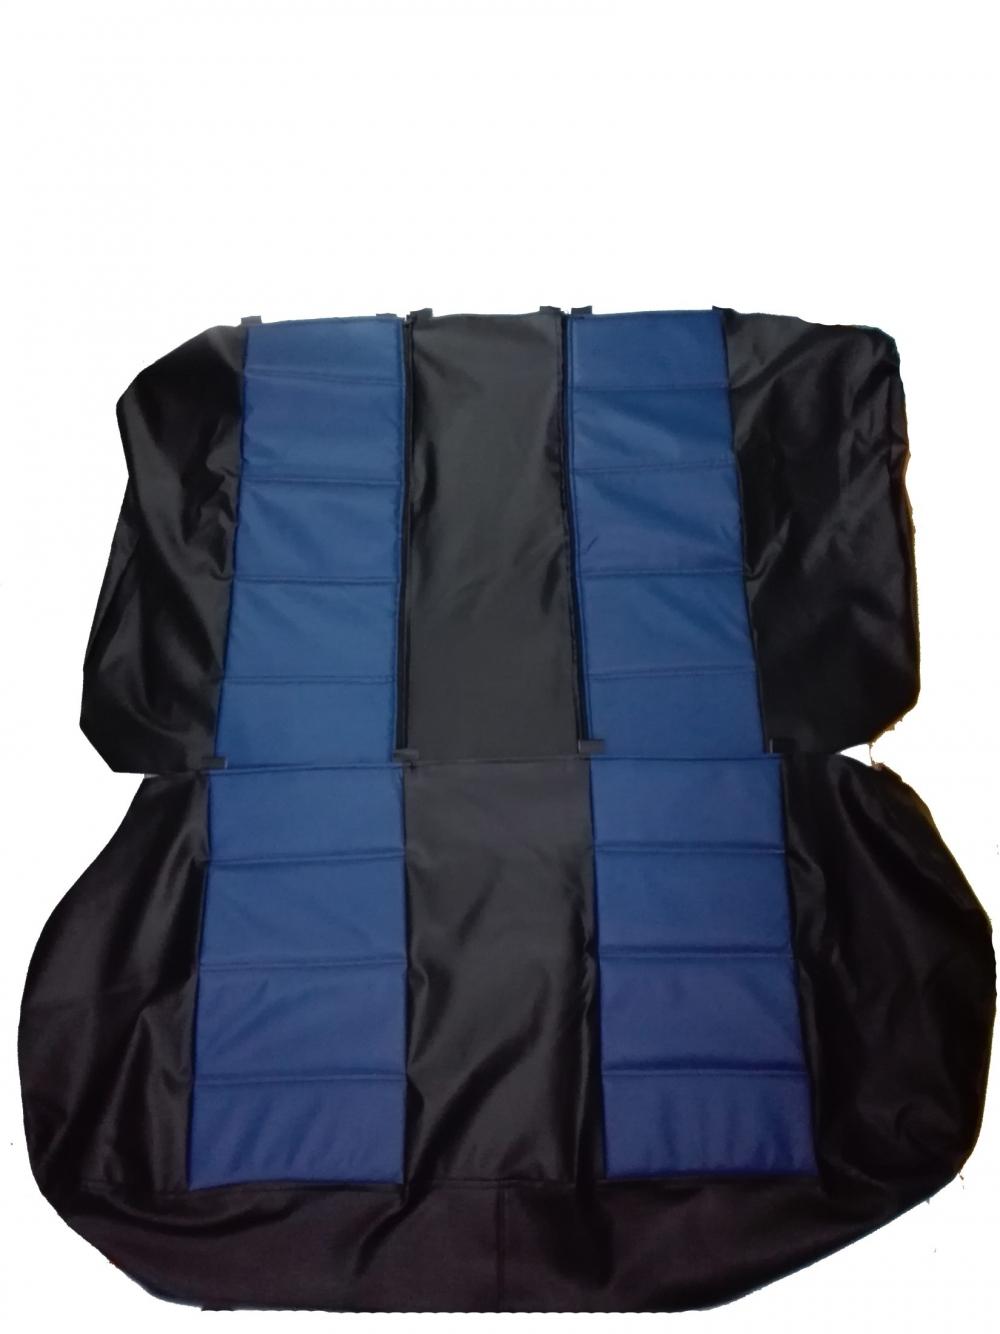 Чехлы на сидения Pilot Lux кожвинил синий - 2